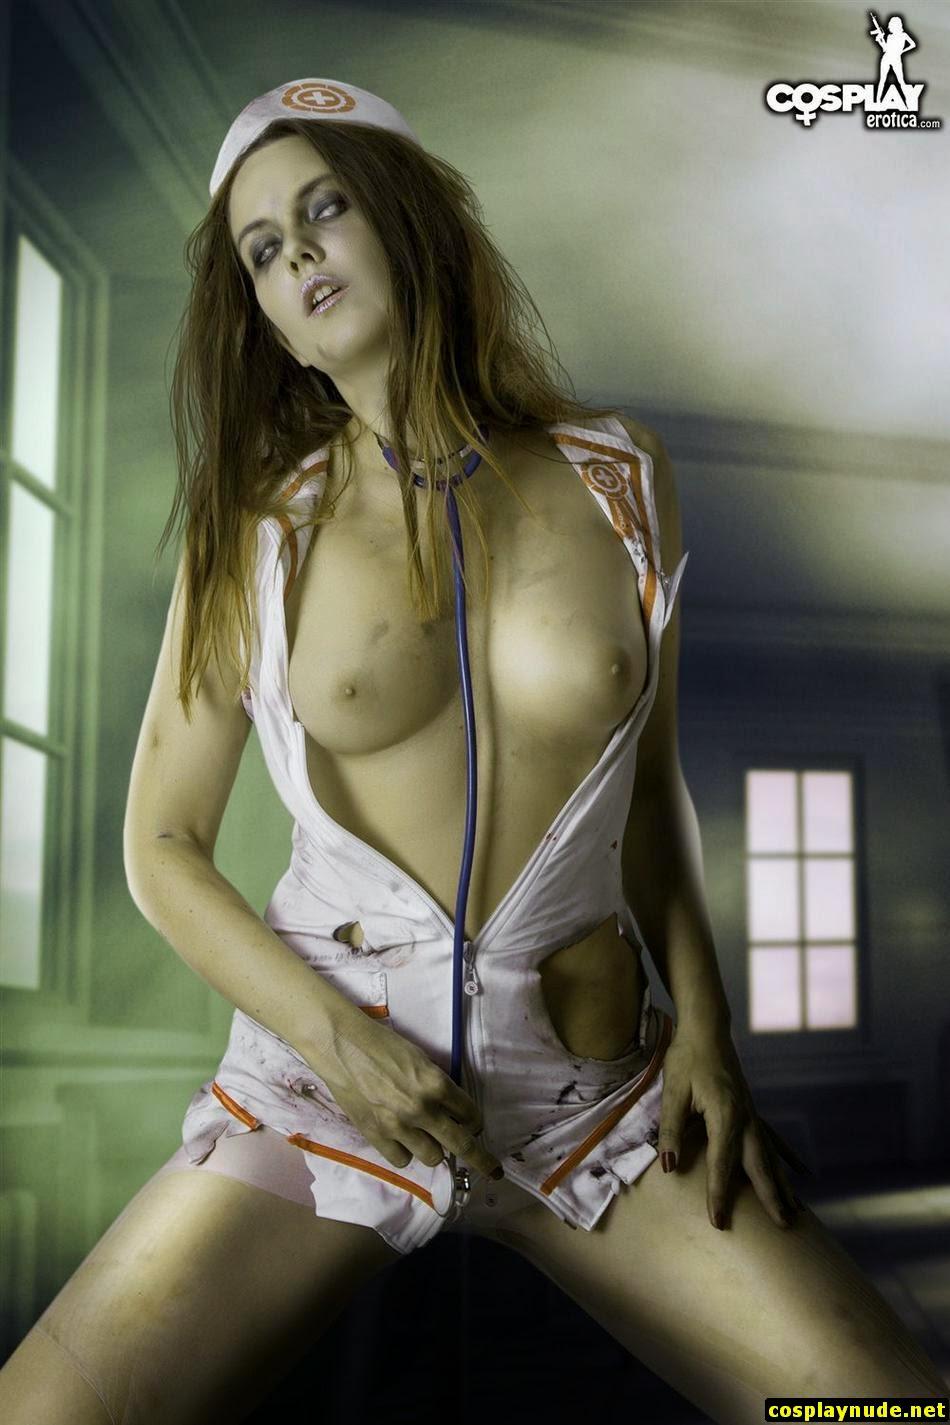 nude pics cosplay disney